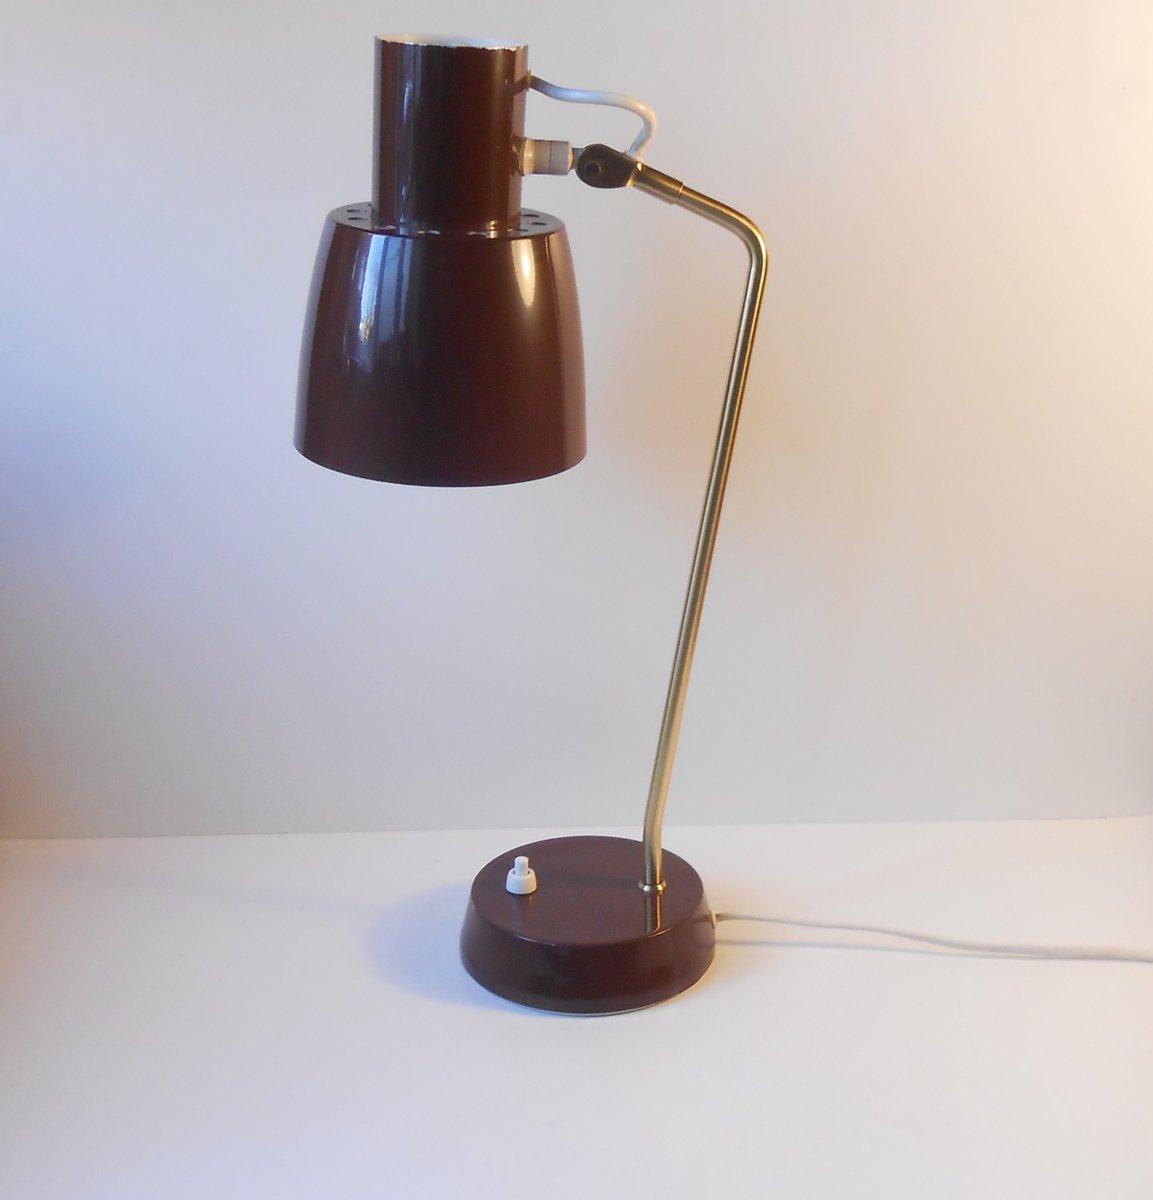 Dänische Modernistische Mid-Century Tischlampe von Coronell, 1970er